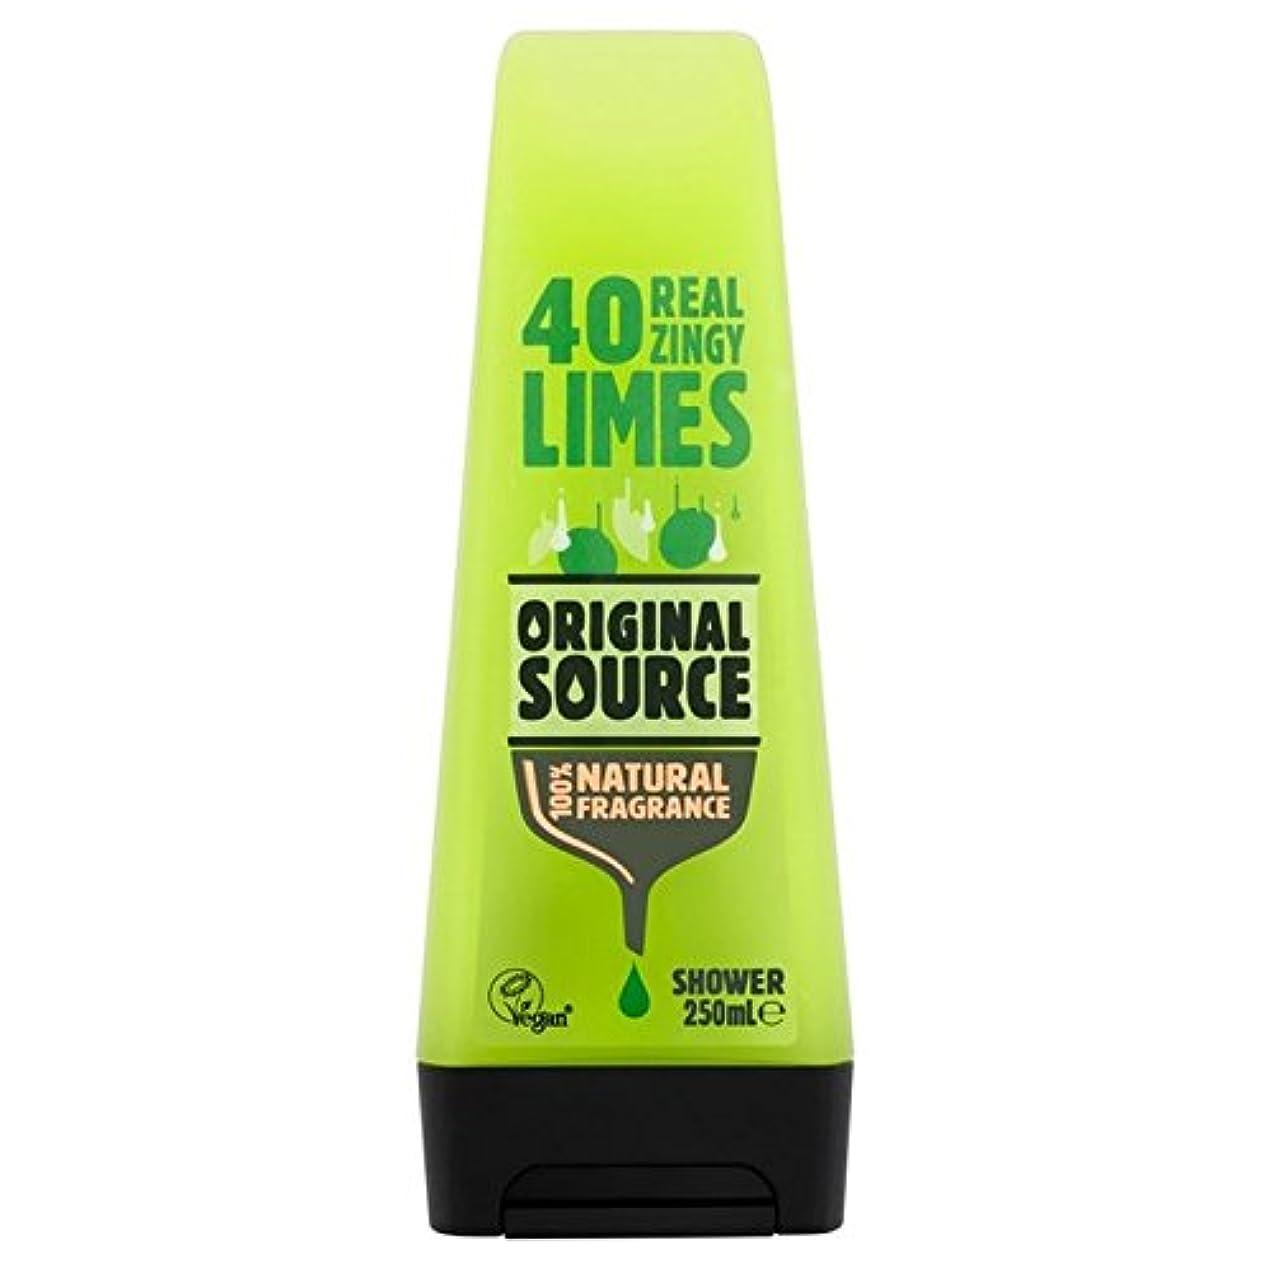 大西洋課す科学者Original Source Lime Shower Gel 250ml - 元のソースライムシャワージェル250ミリリットル [並行輸入品]